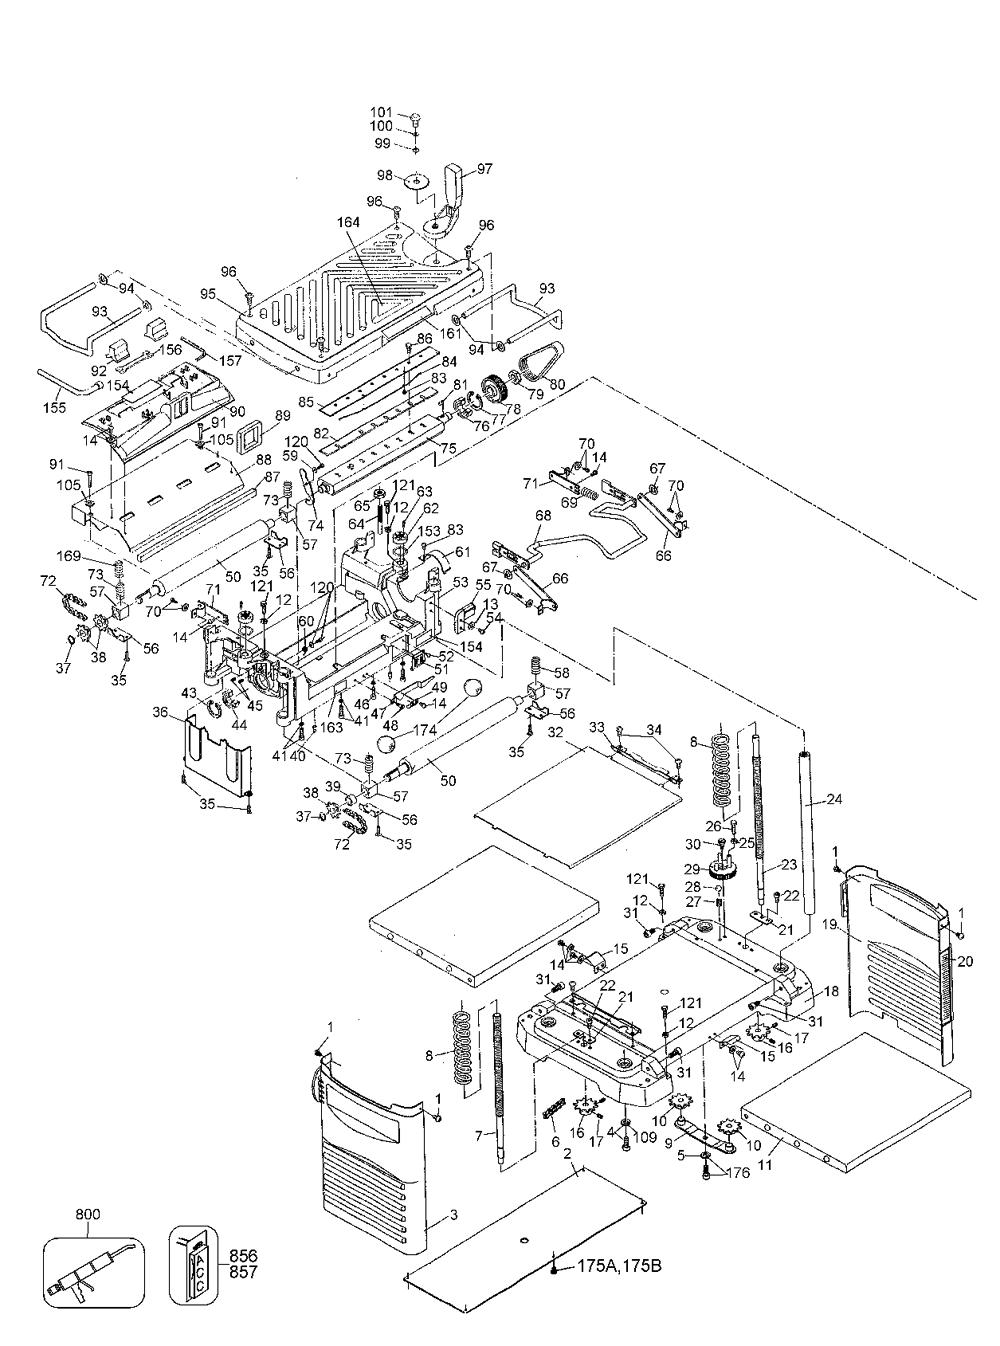 Craftsman Model 917 Wiring Diagram : 34 Wiring Diagram